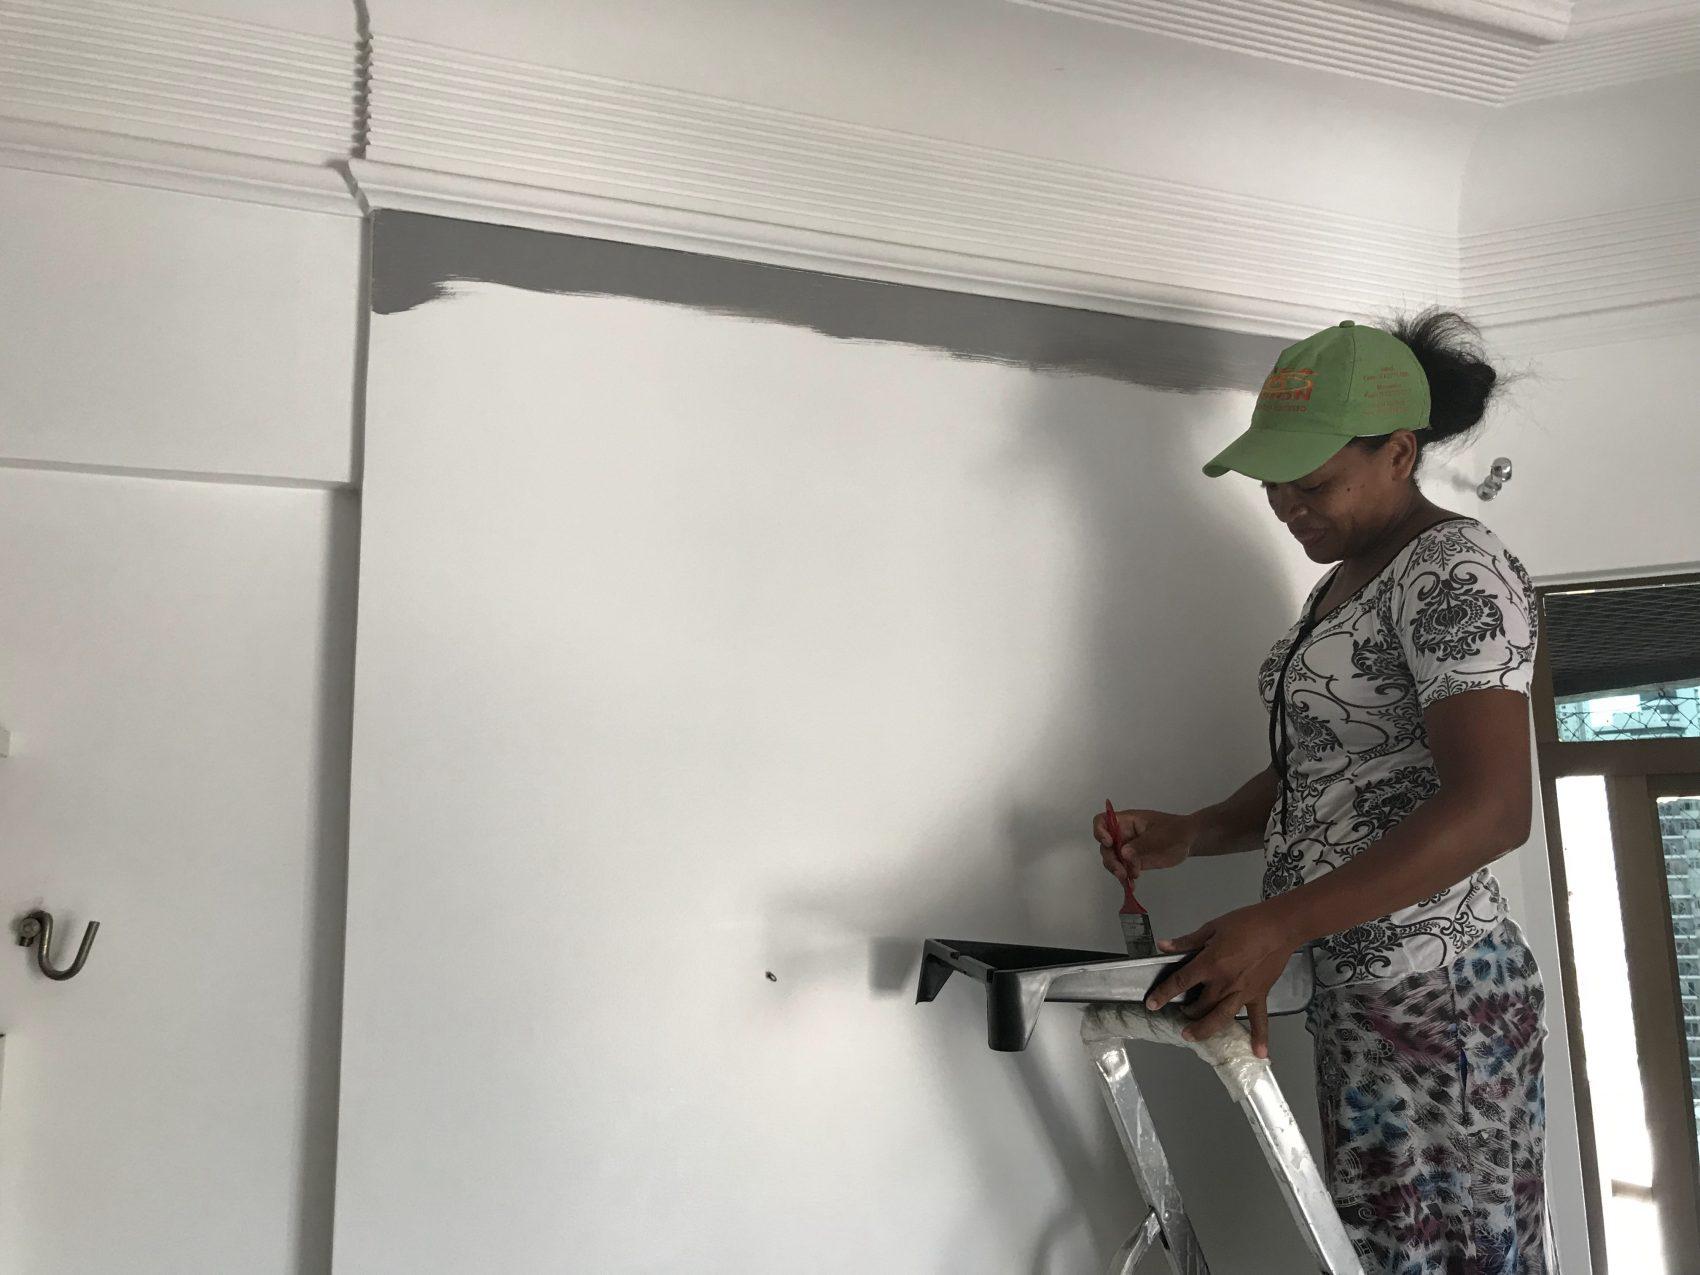 Alessandra da Luz faz serviços de pintura, hidráulica e de reparos: treinamento no Senai antes do projeto da UFPA (Foto: MInerva/Divulgação)